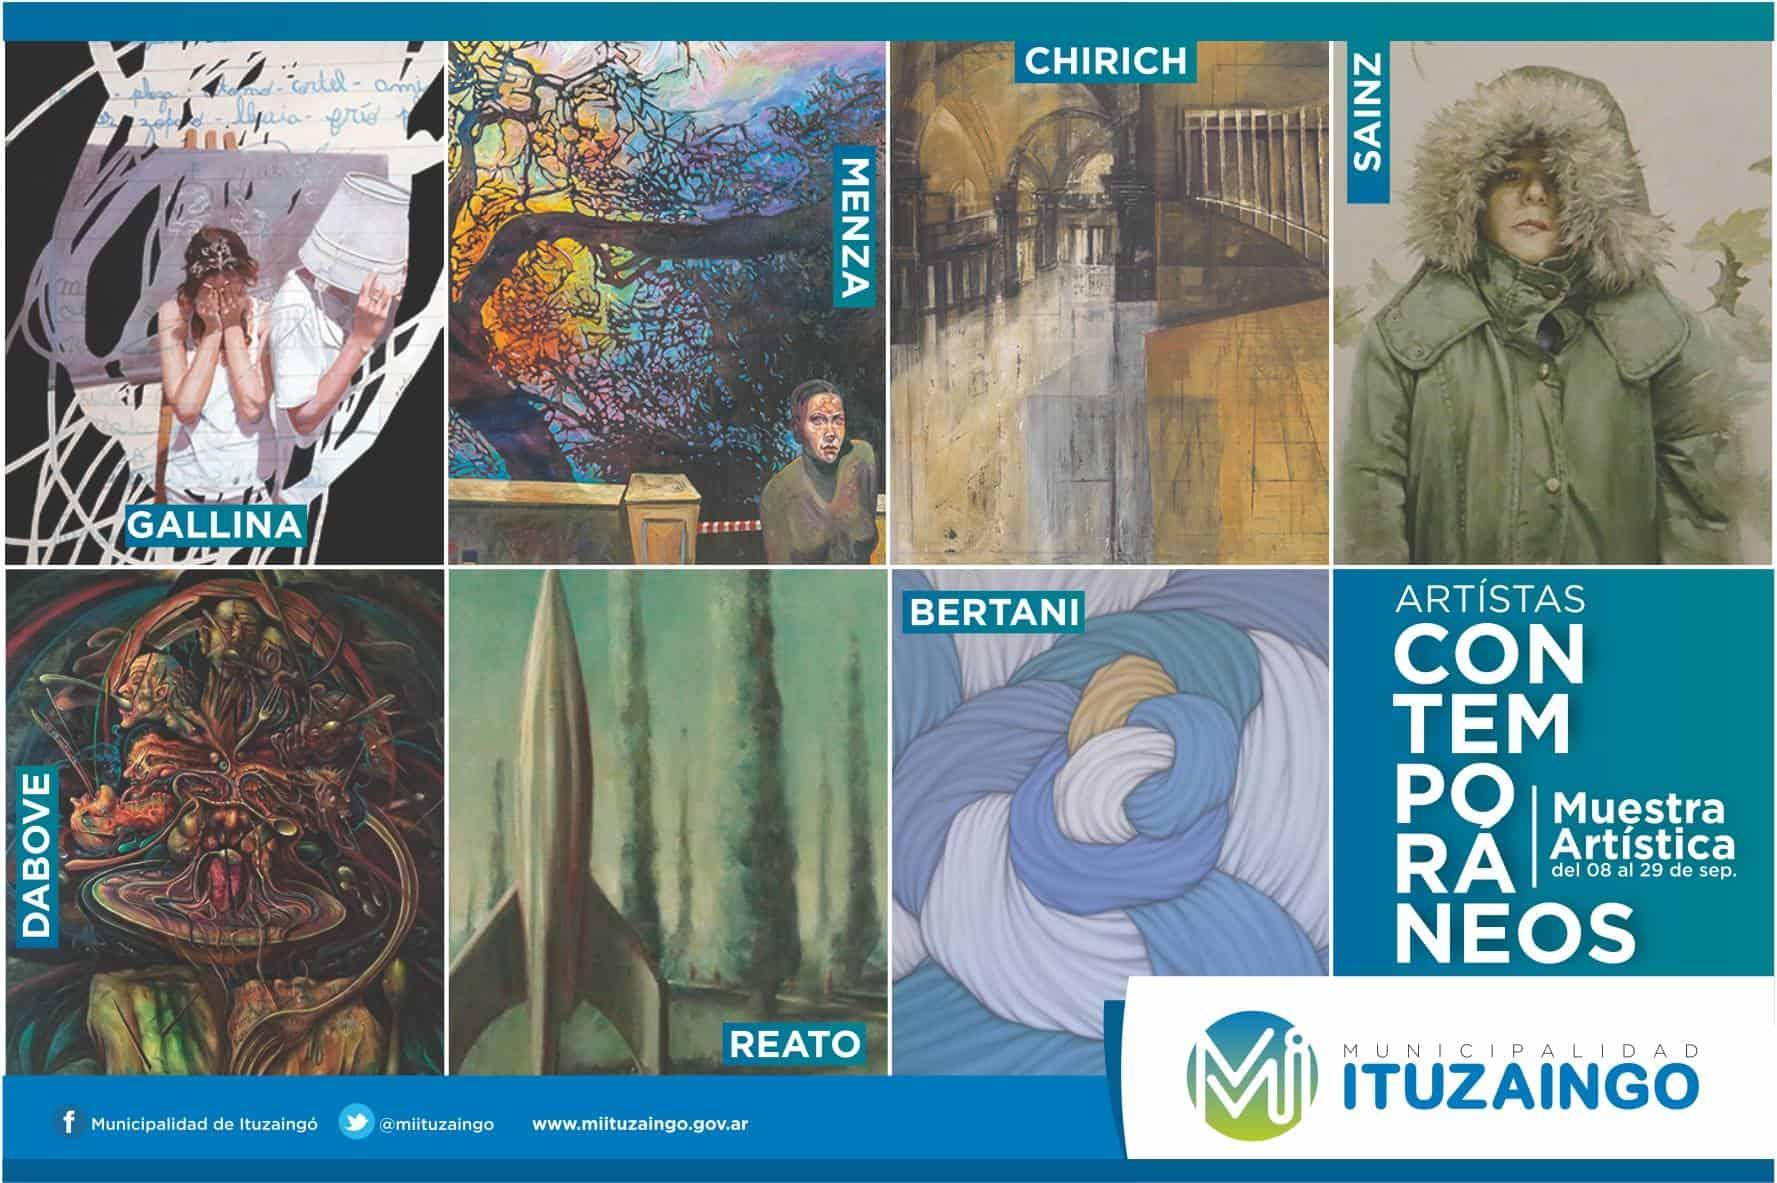 Muestra Compartida de Artistas Contemporáneos en Ituzaingó